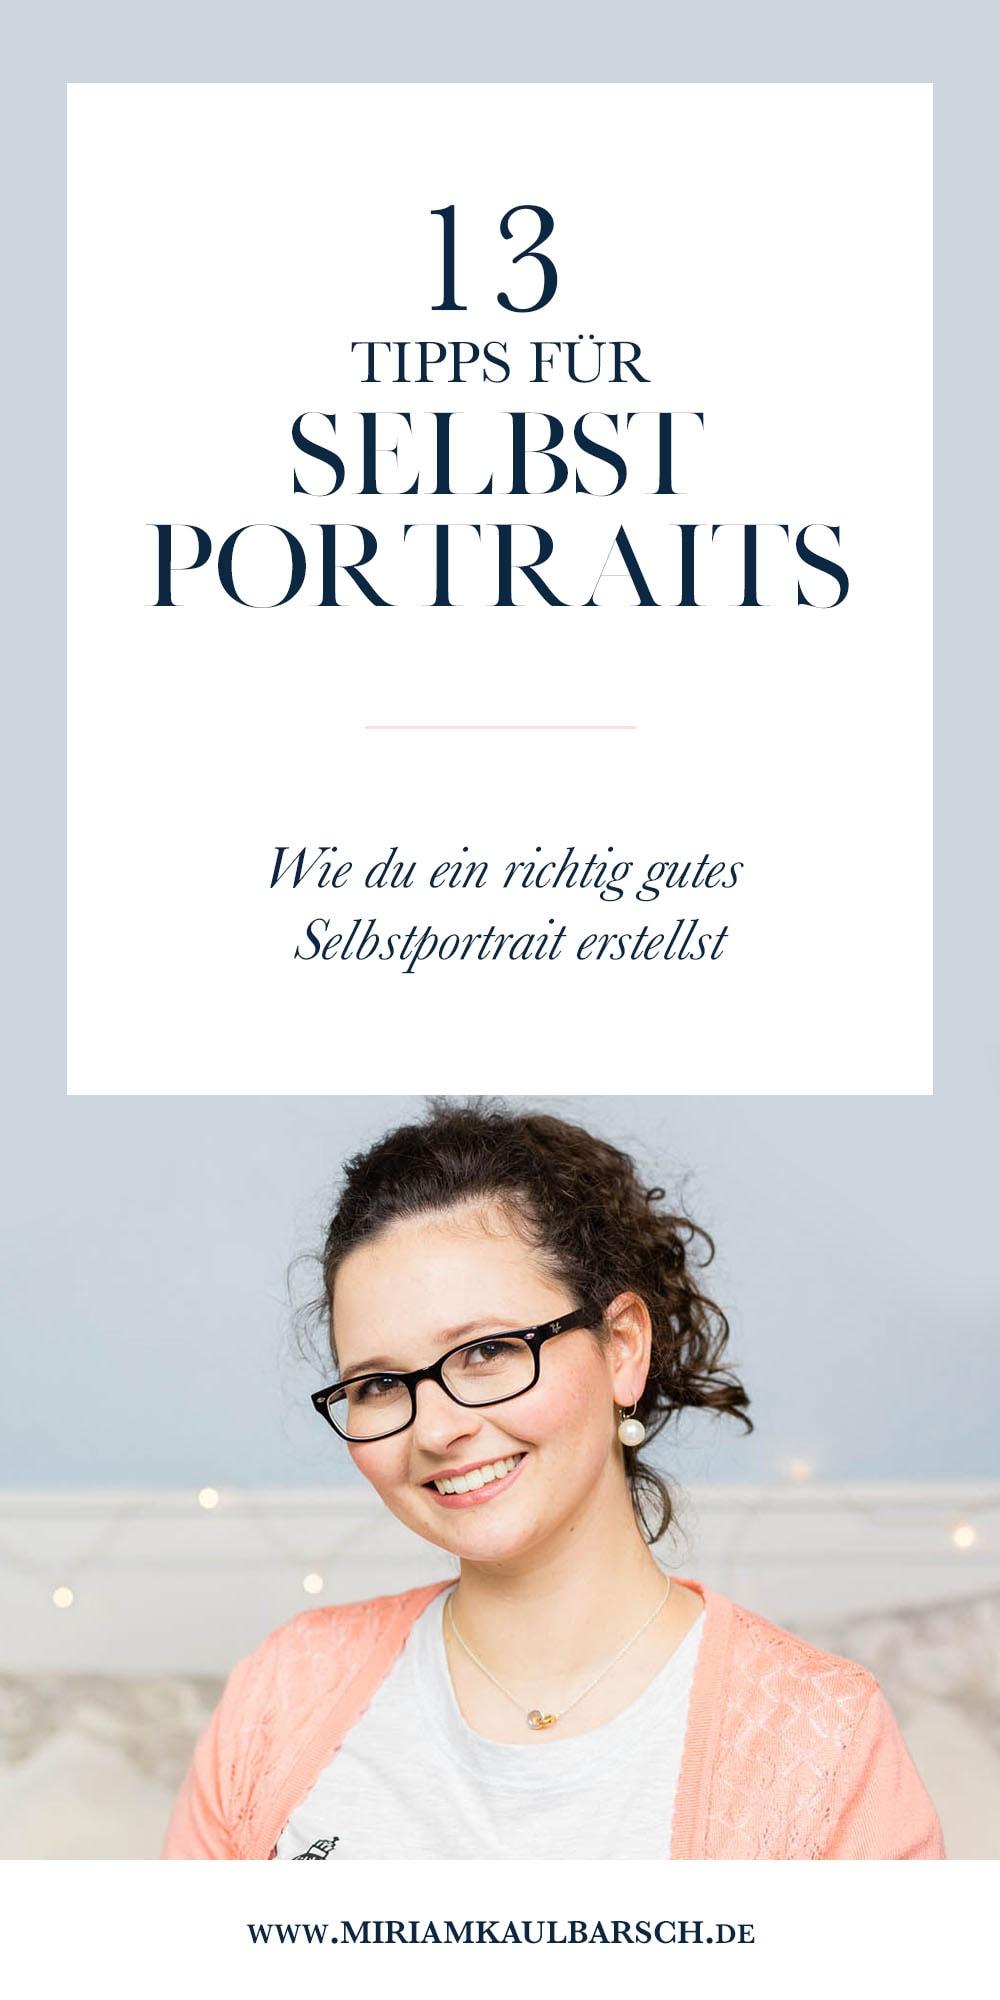 13 Tipps für Selbstportraits - Wie du ein richtig gutes Selbstportrait erstellst!